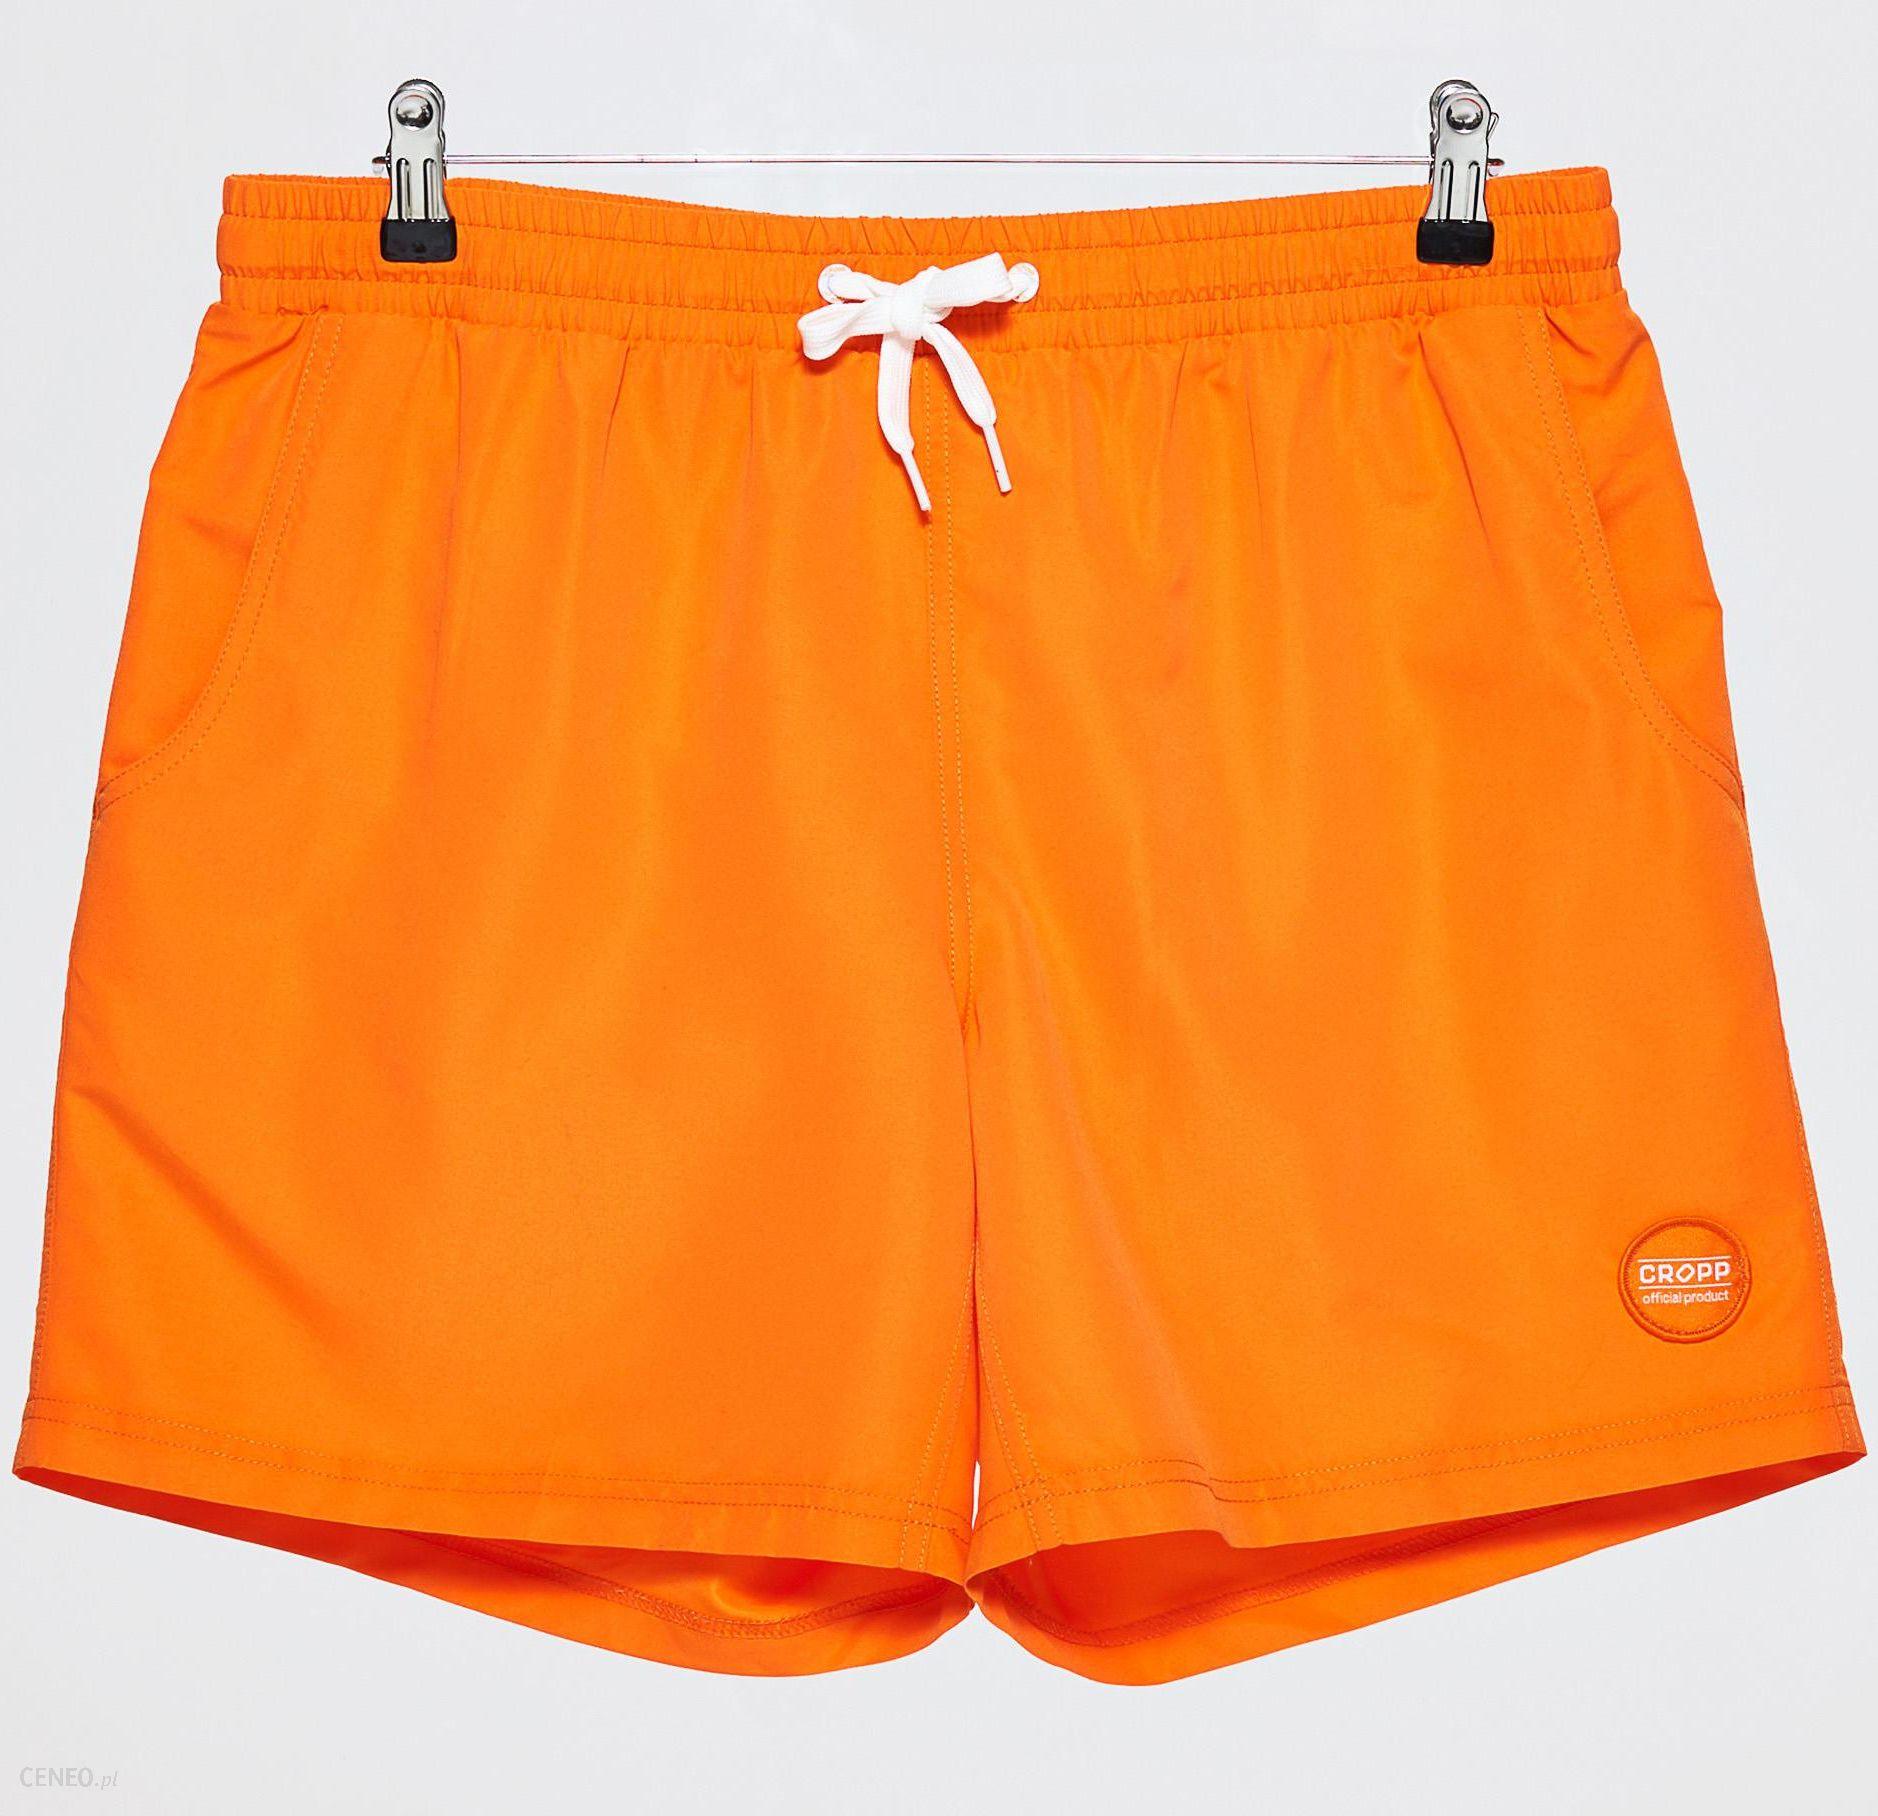 Spodenki szorty adidas. Pomarańczowe kąpielówki damskie 36